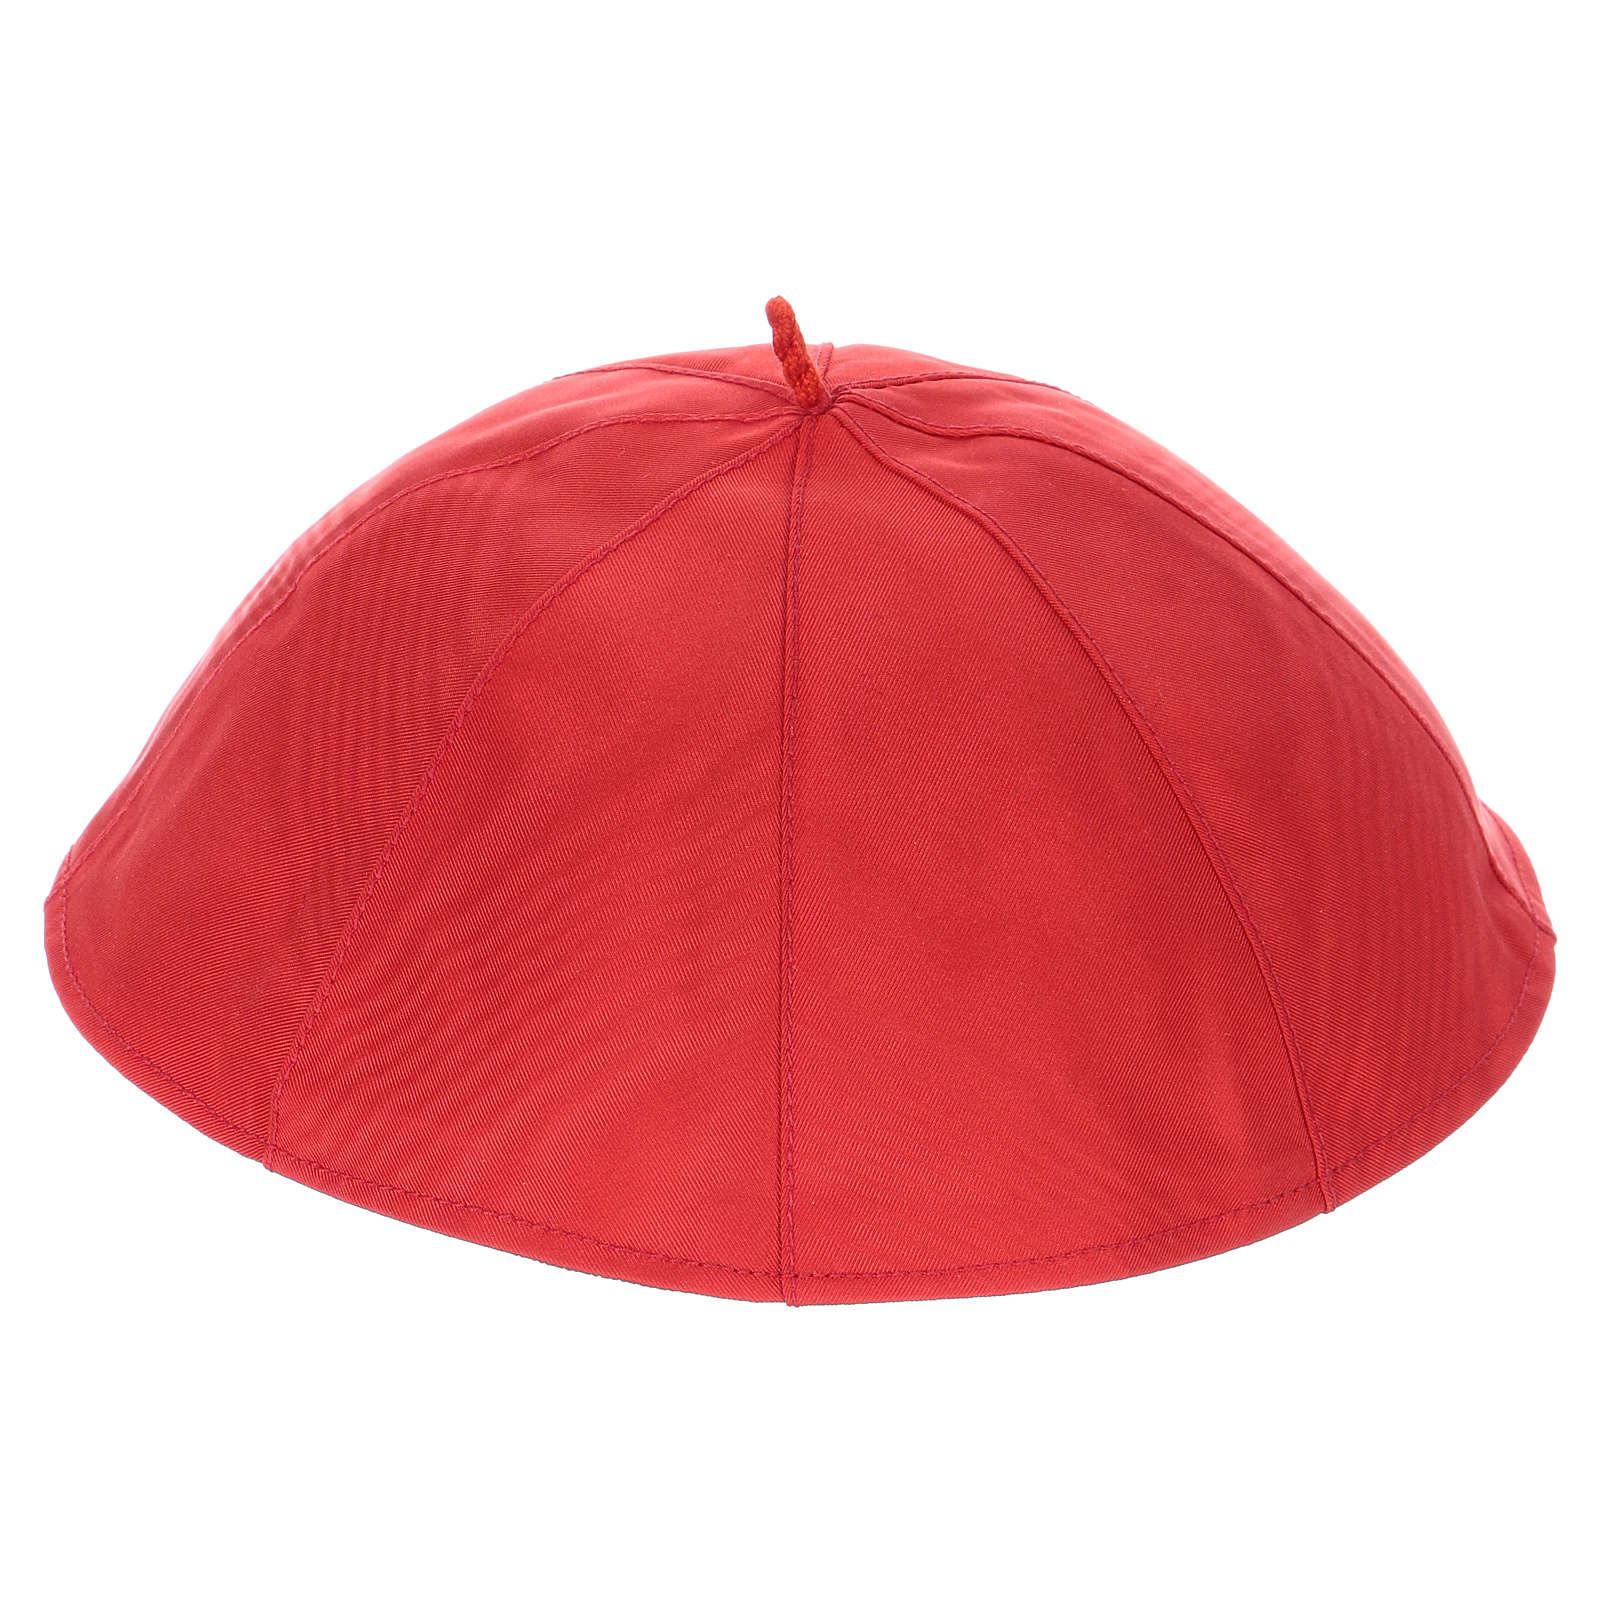 Zucchetto in pura seta color rosso 3